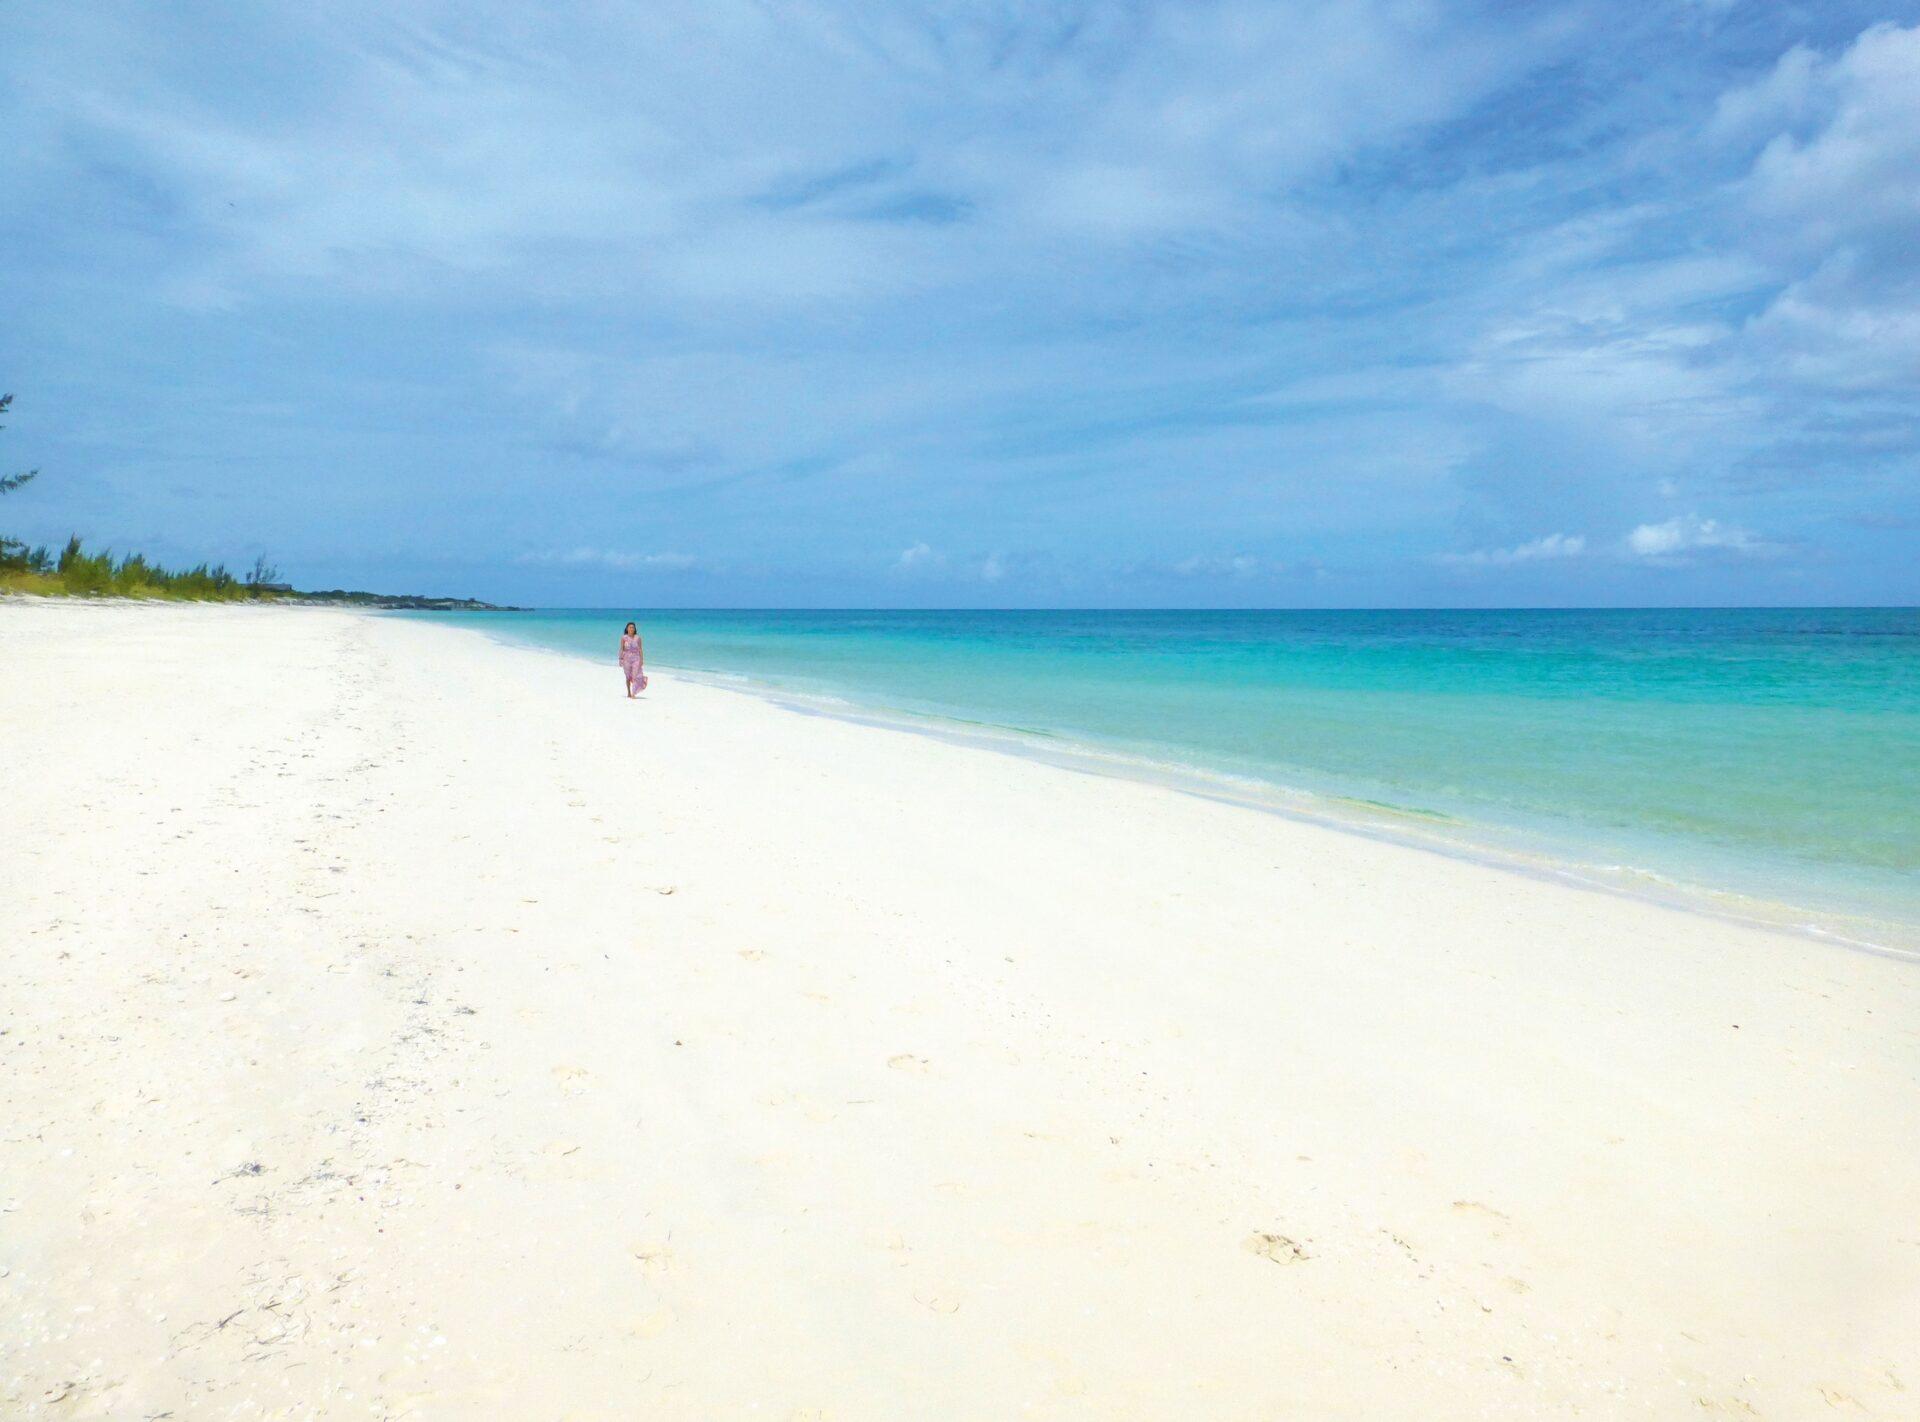 COMO Parrot Cay - eine Trauminsel zum Verlieben 1